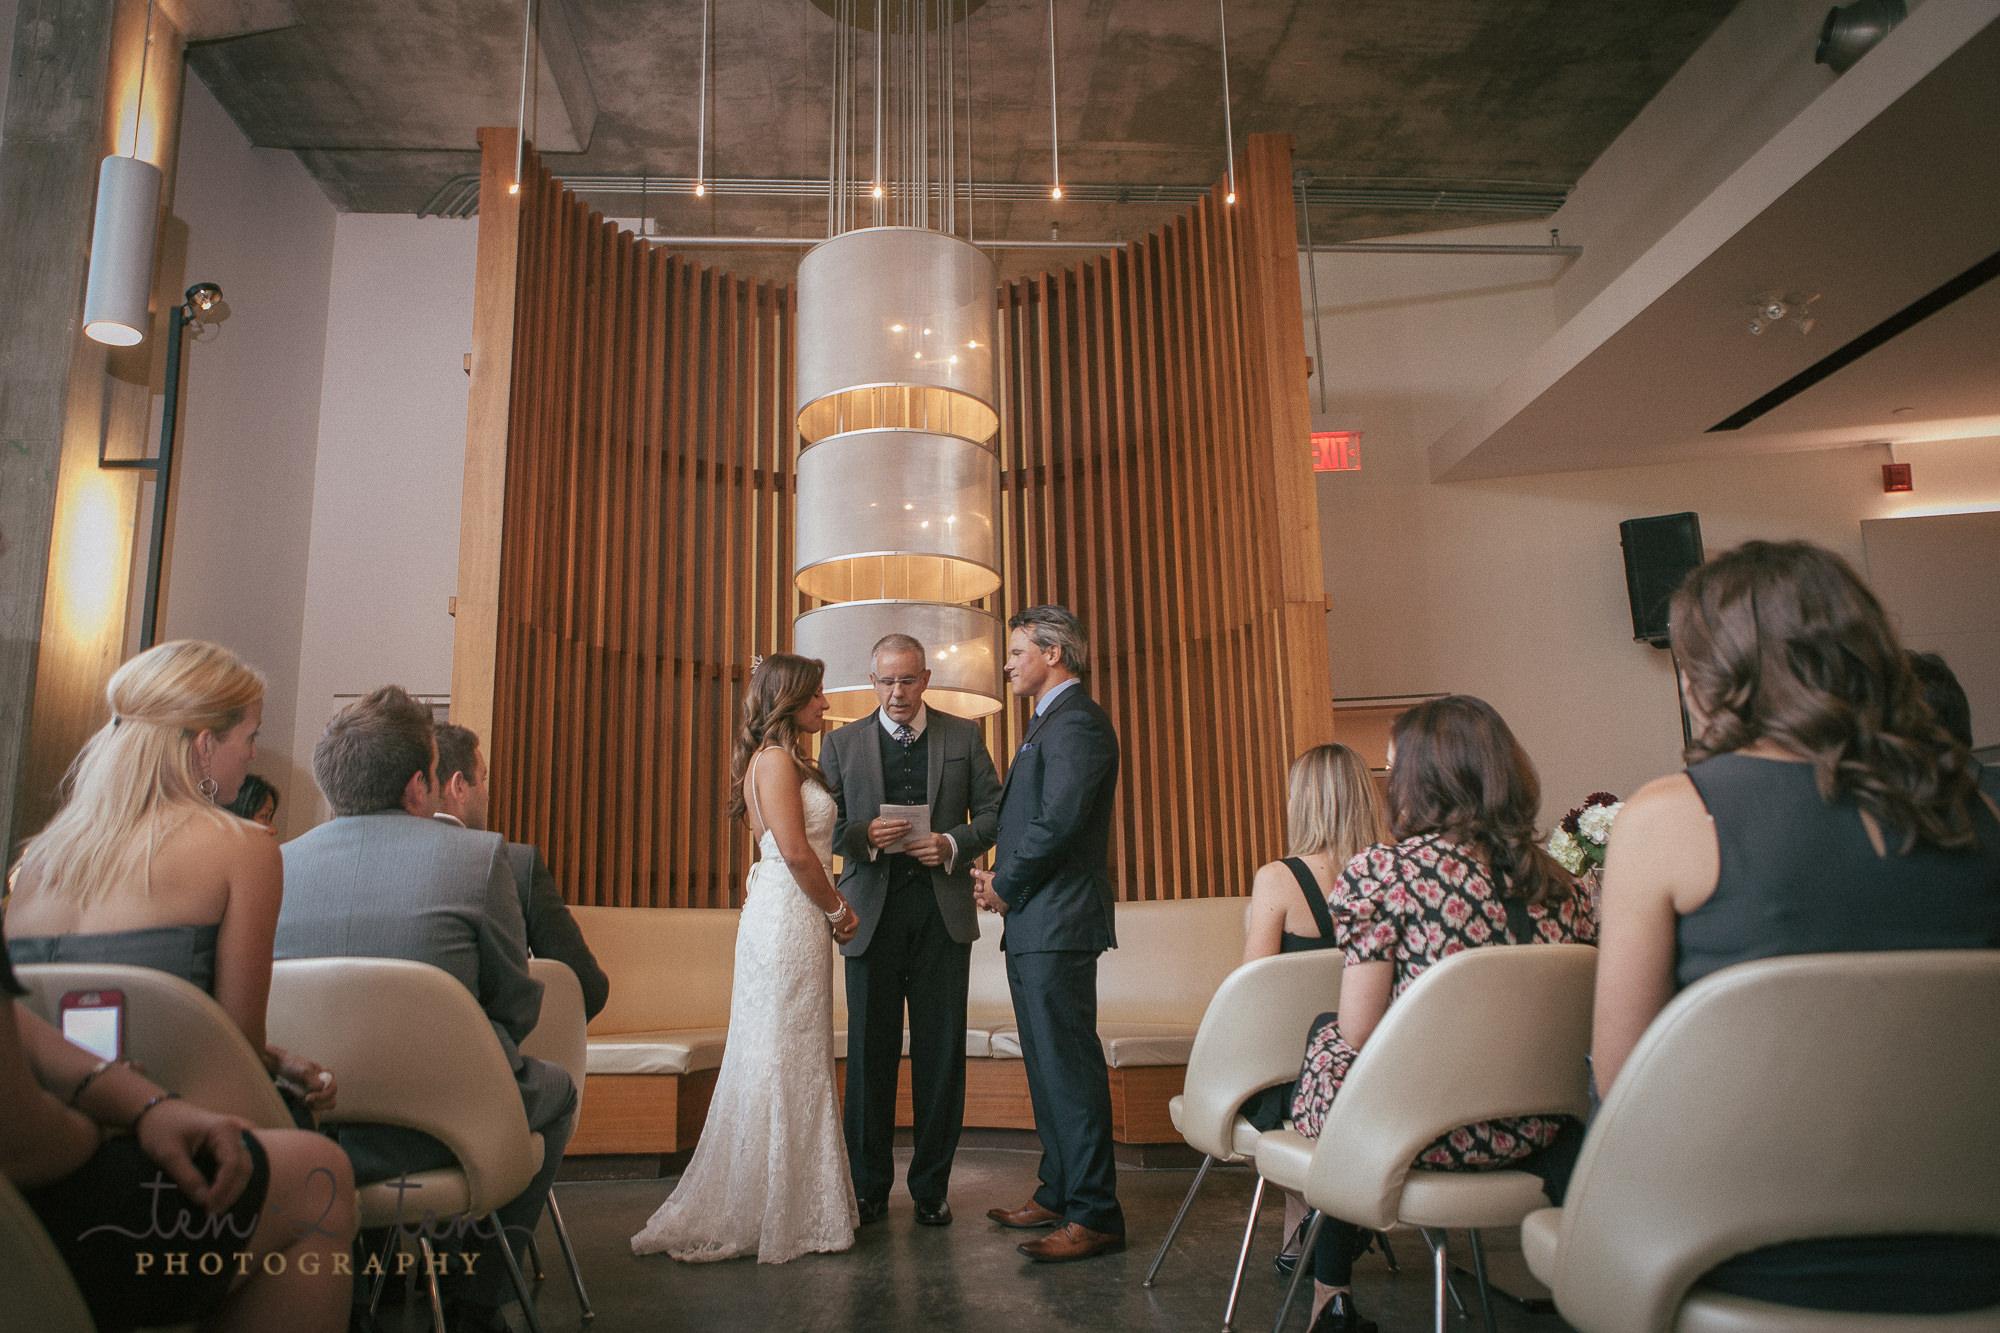 mildreds temple kitchen wedding photos 336 - Mildred's Temple Kitchen Wedding Photos